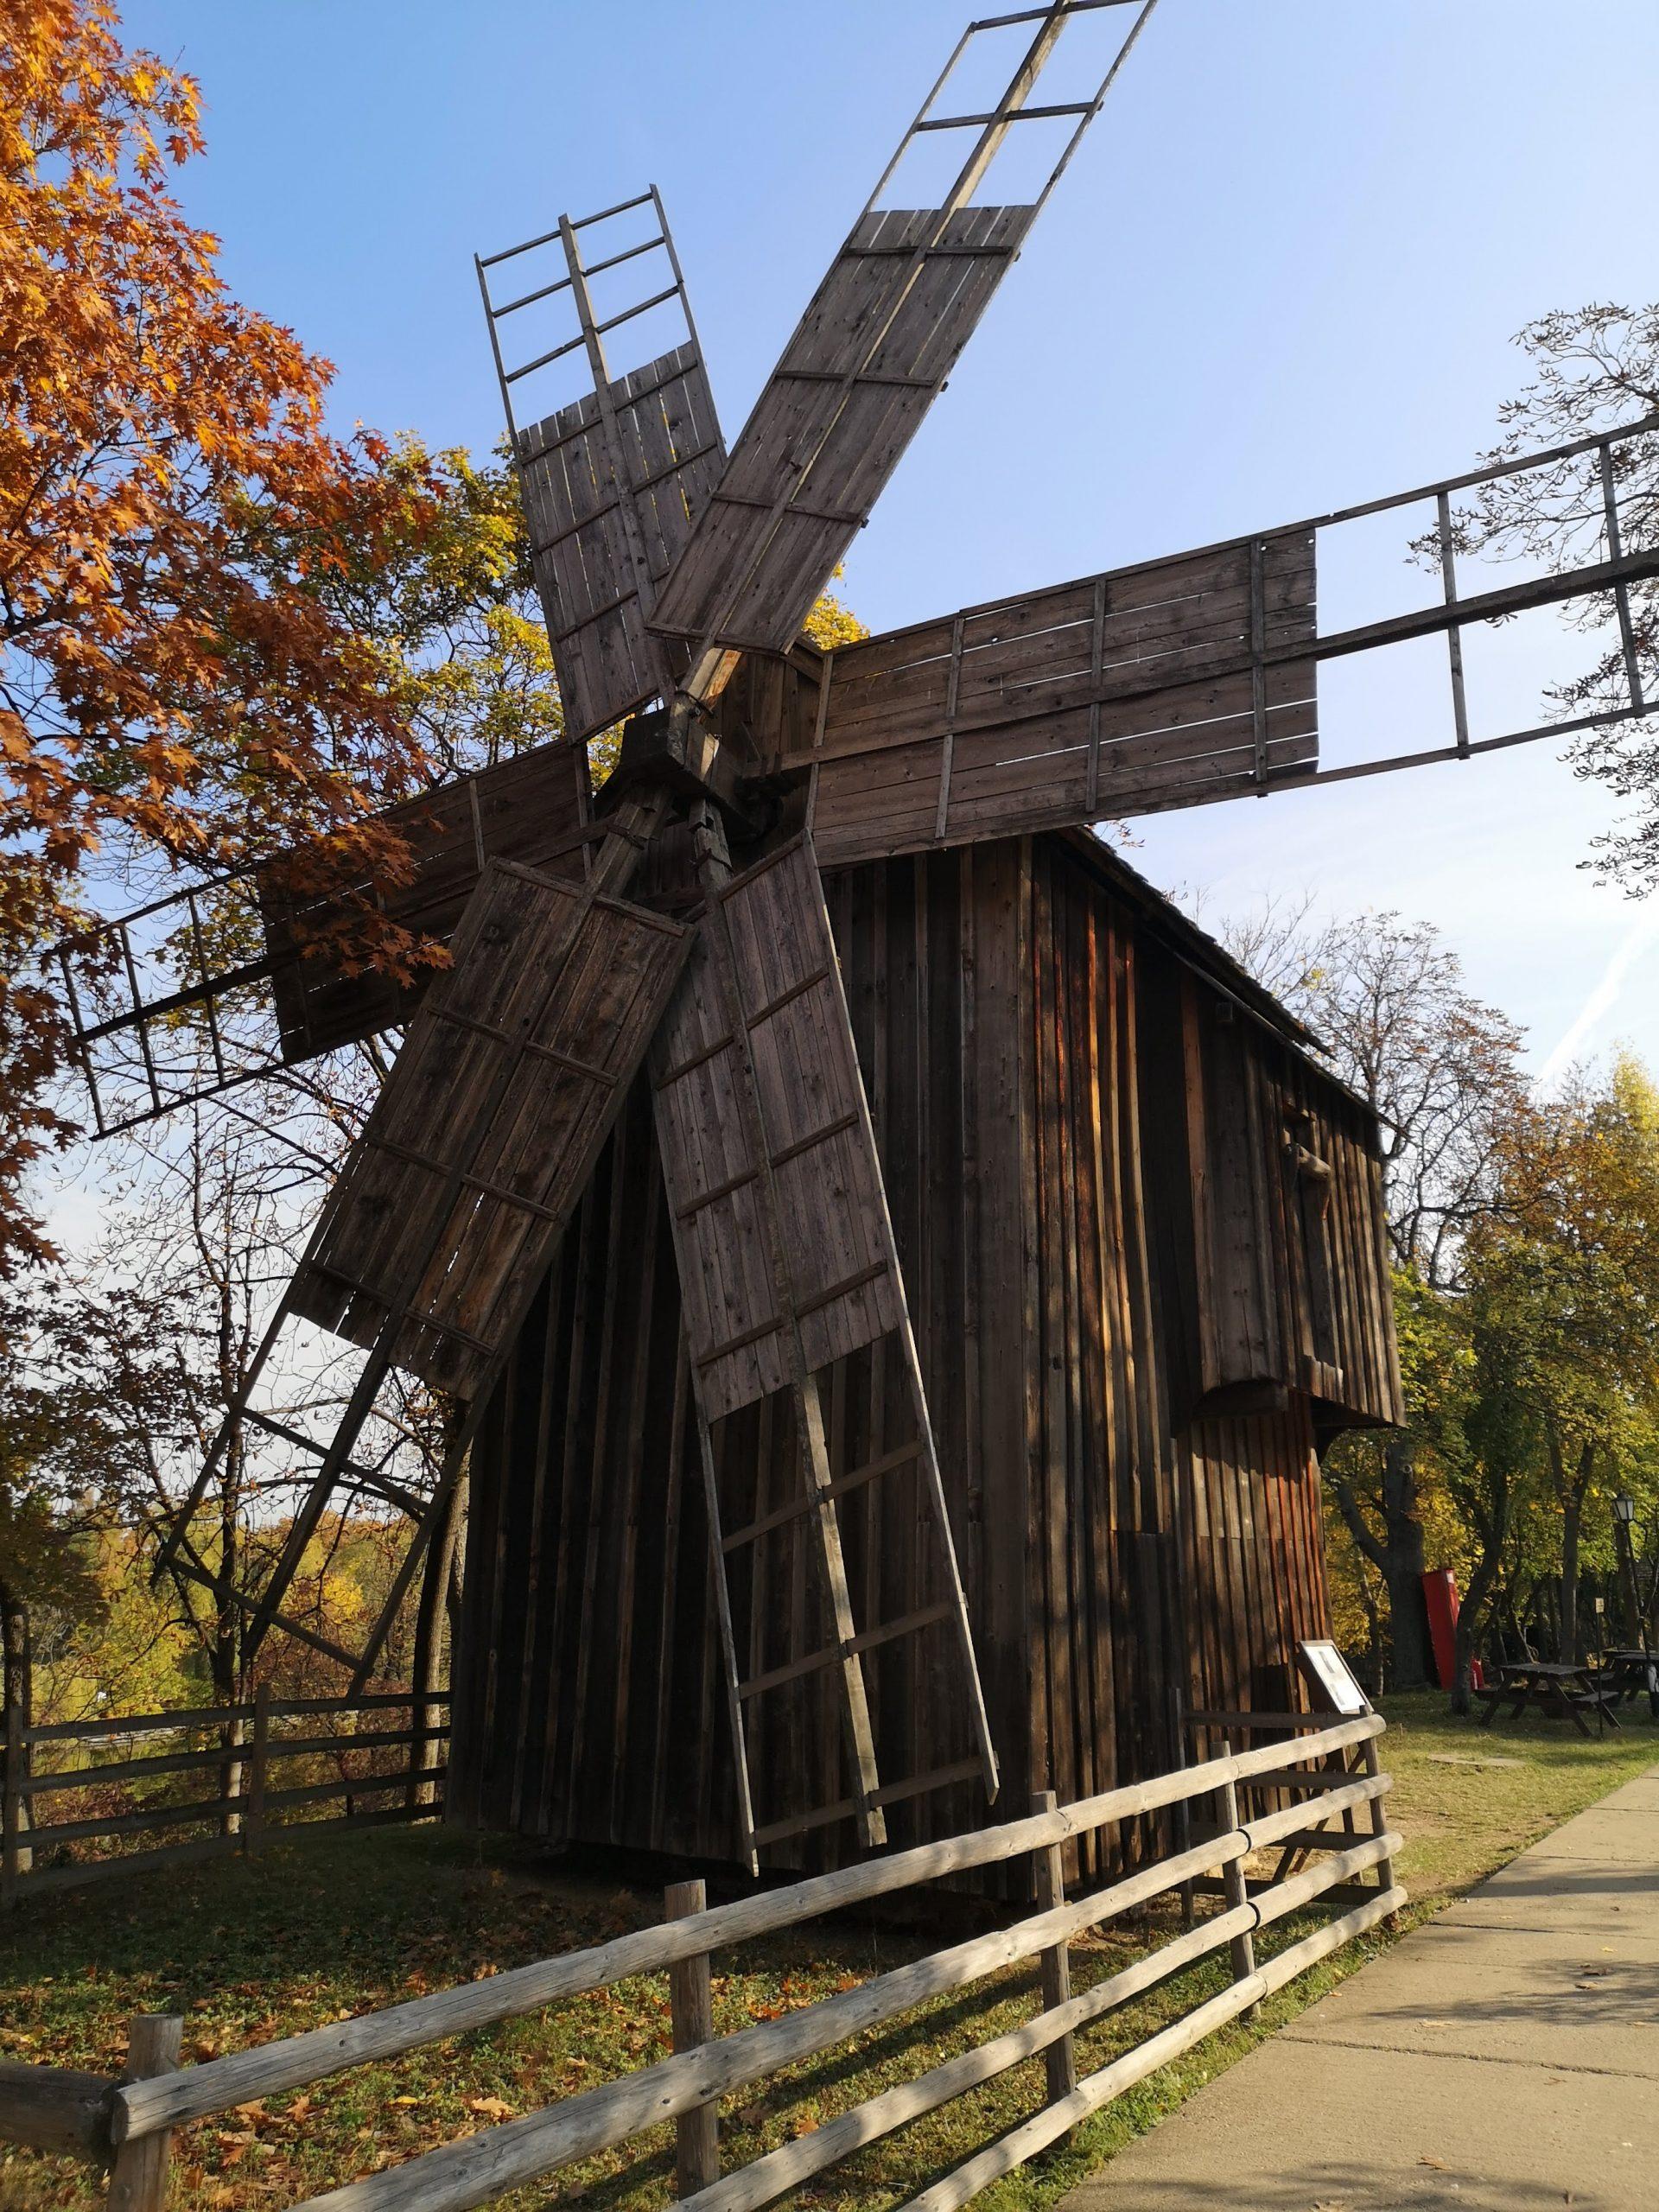 Mulino_Museo del villaggio di Dimitrie Gusti_Bucarest